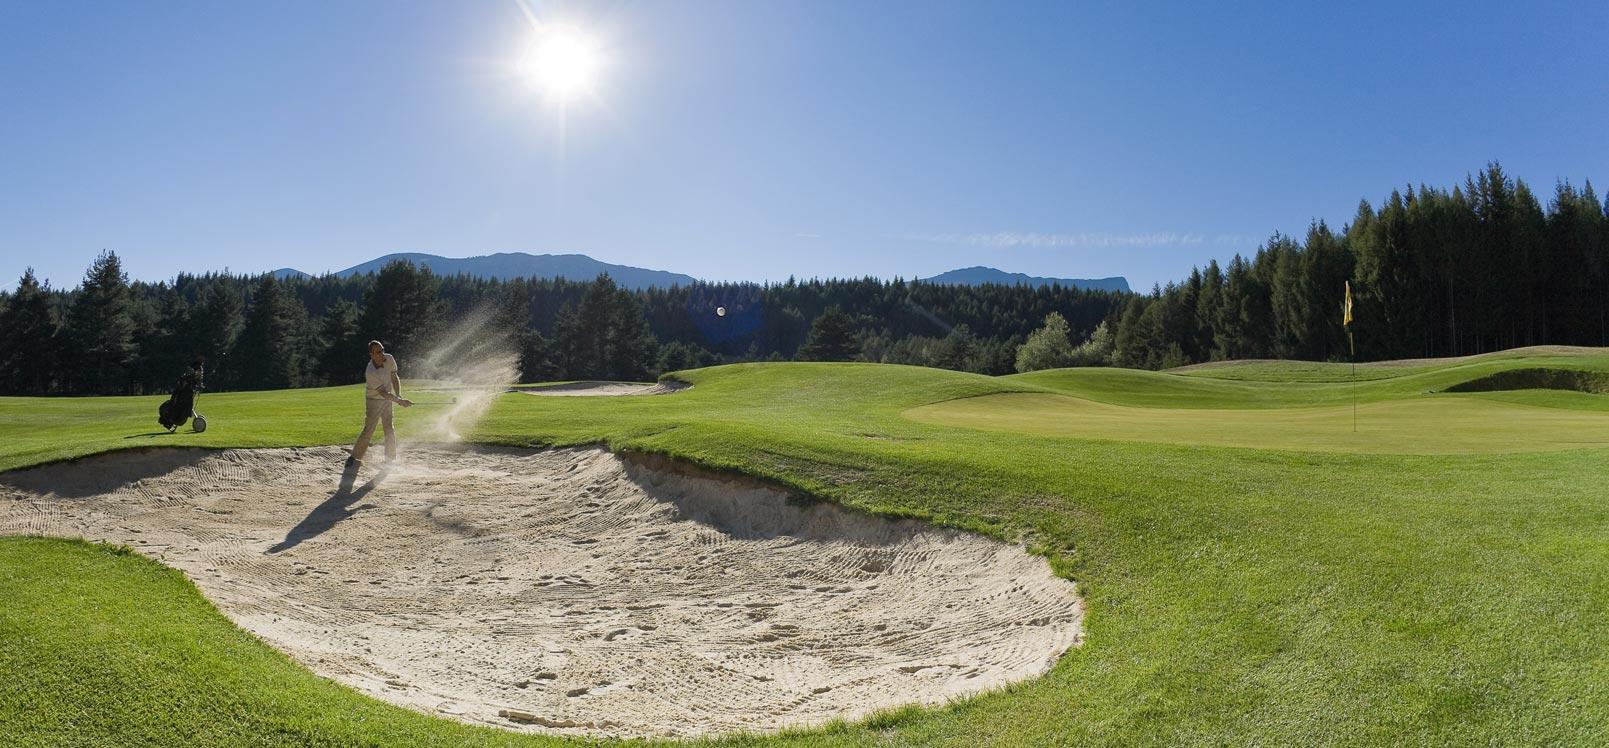 Golfs Gap-Bayard Montgenèvre